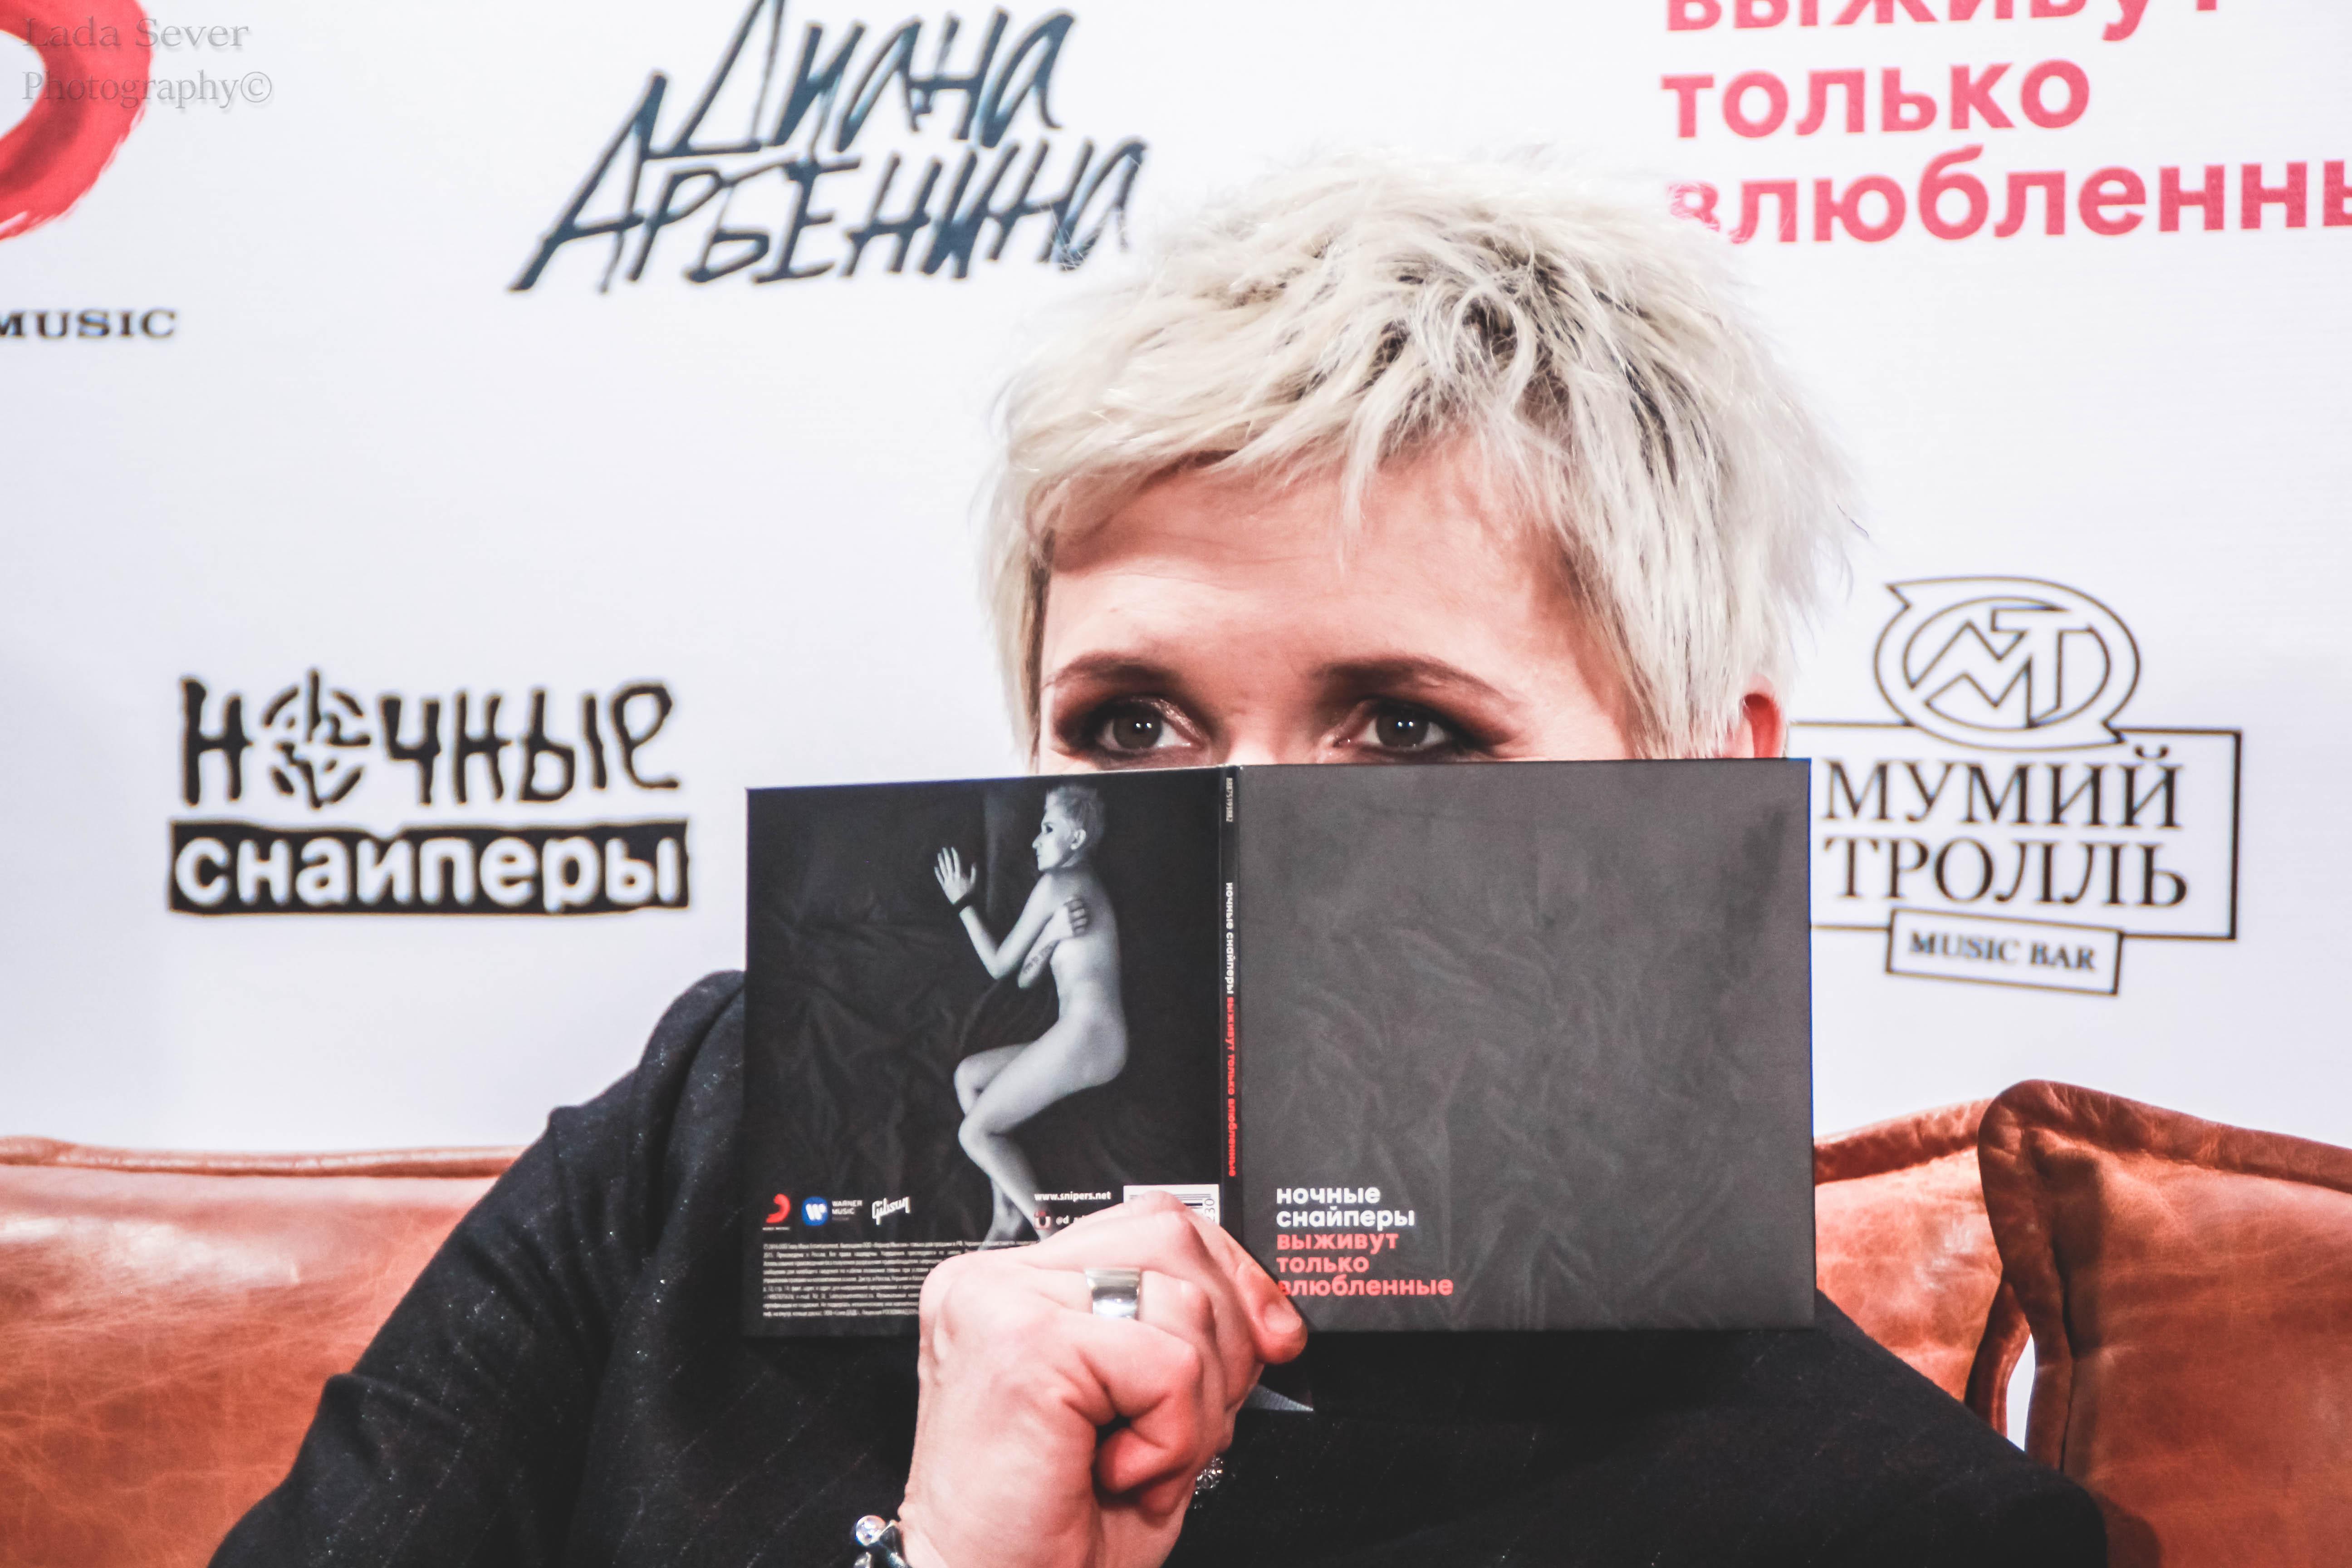 Диана Арбенина, рок-музыкант